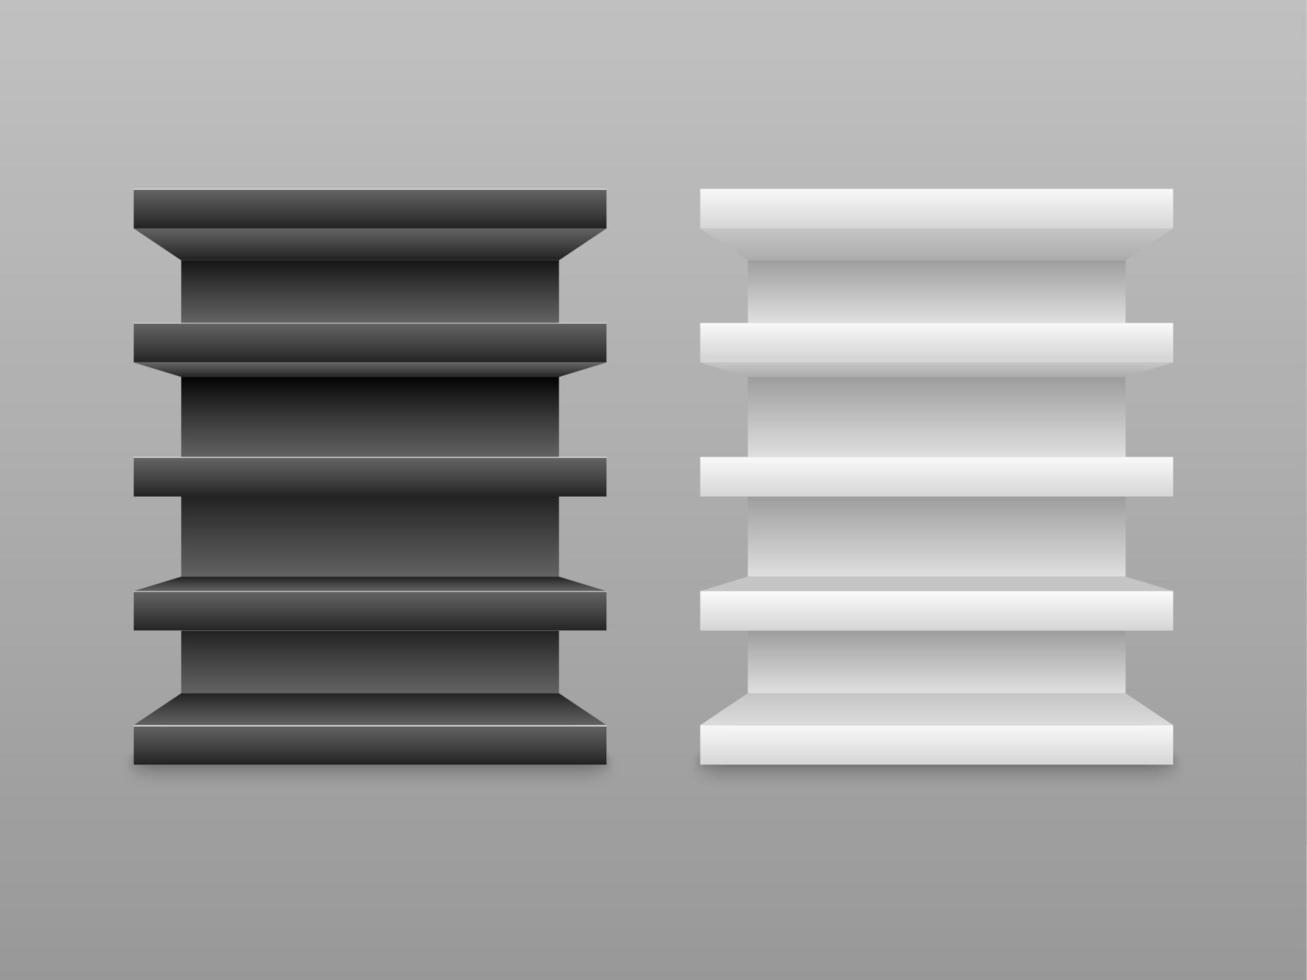 leere Schwarzweiss-Regale lokalisiert auf grauem Hintergrund, Vektorillustration vektor